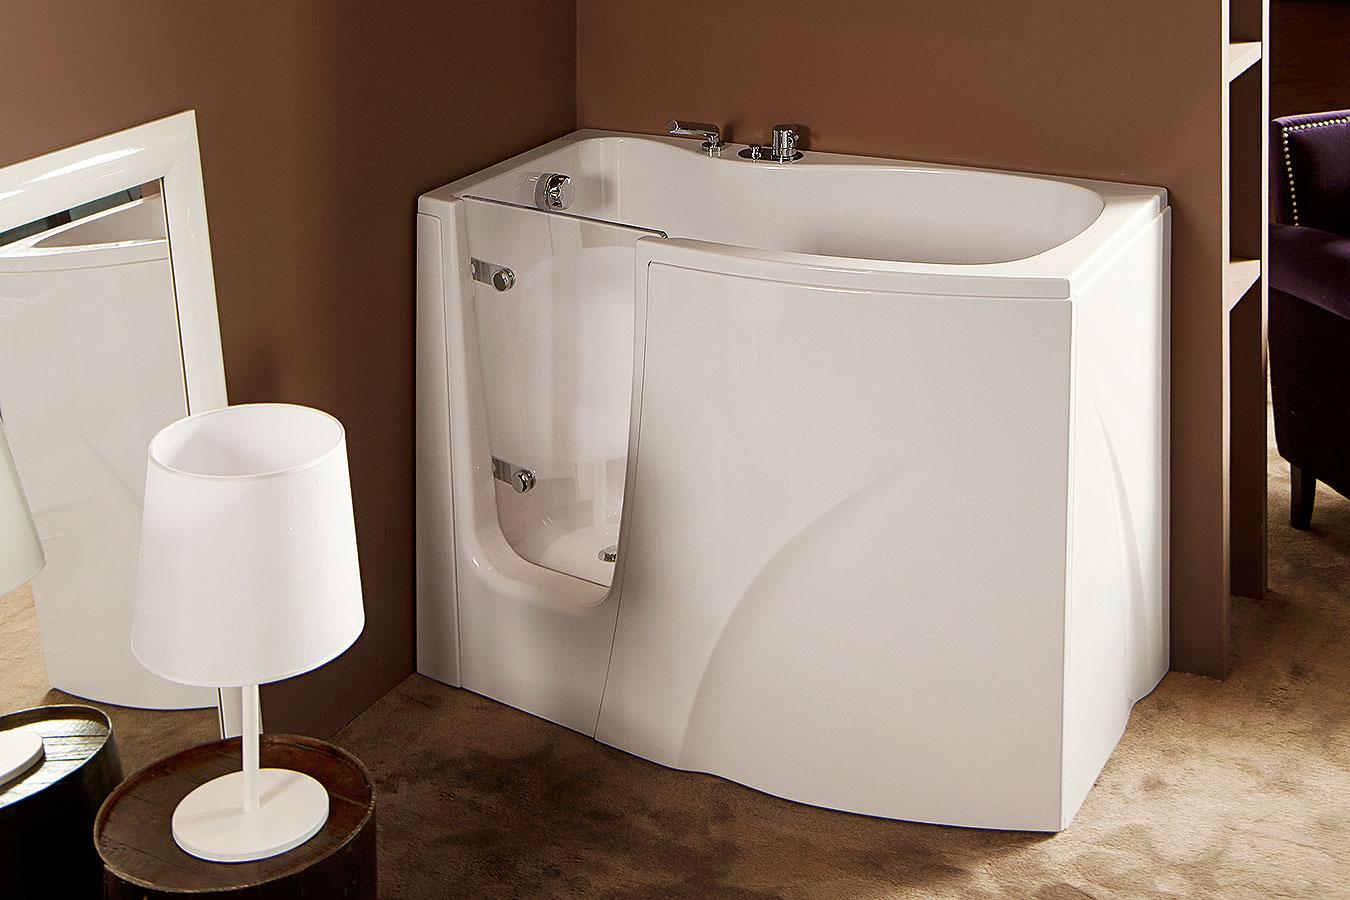 Vasche Da Bagno Per Invalidi Prezzi : Come scegliere una vasca da bagno adatta ad anziani e disabili. gen